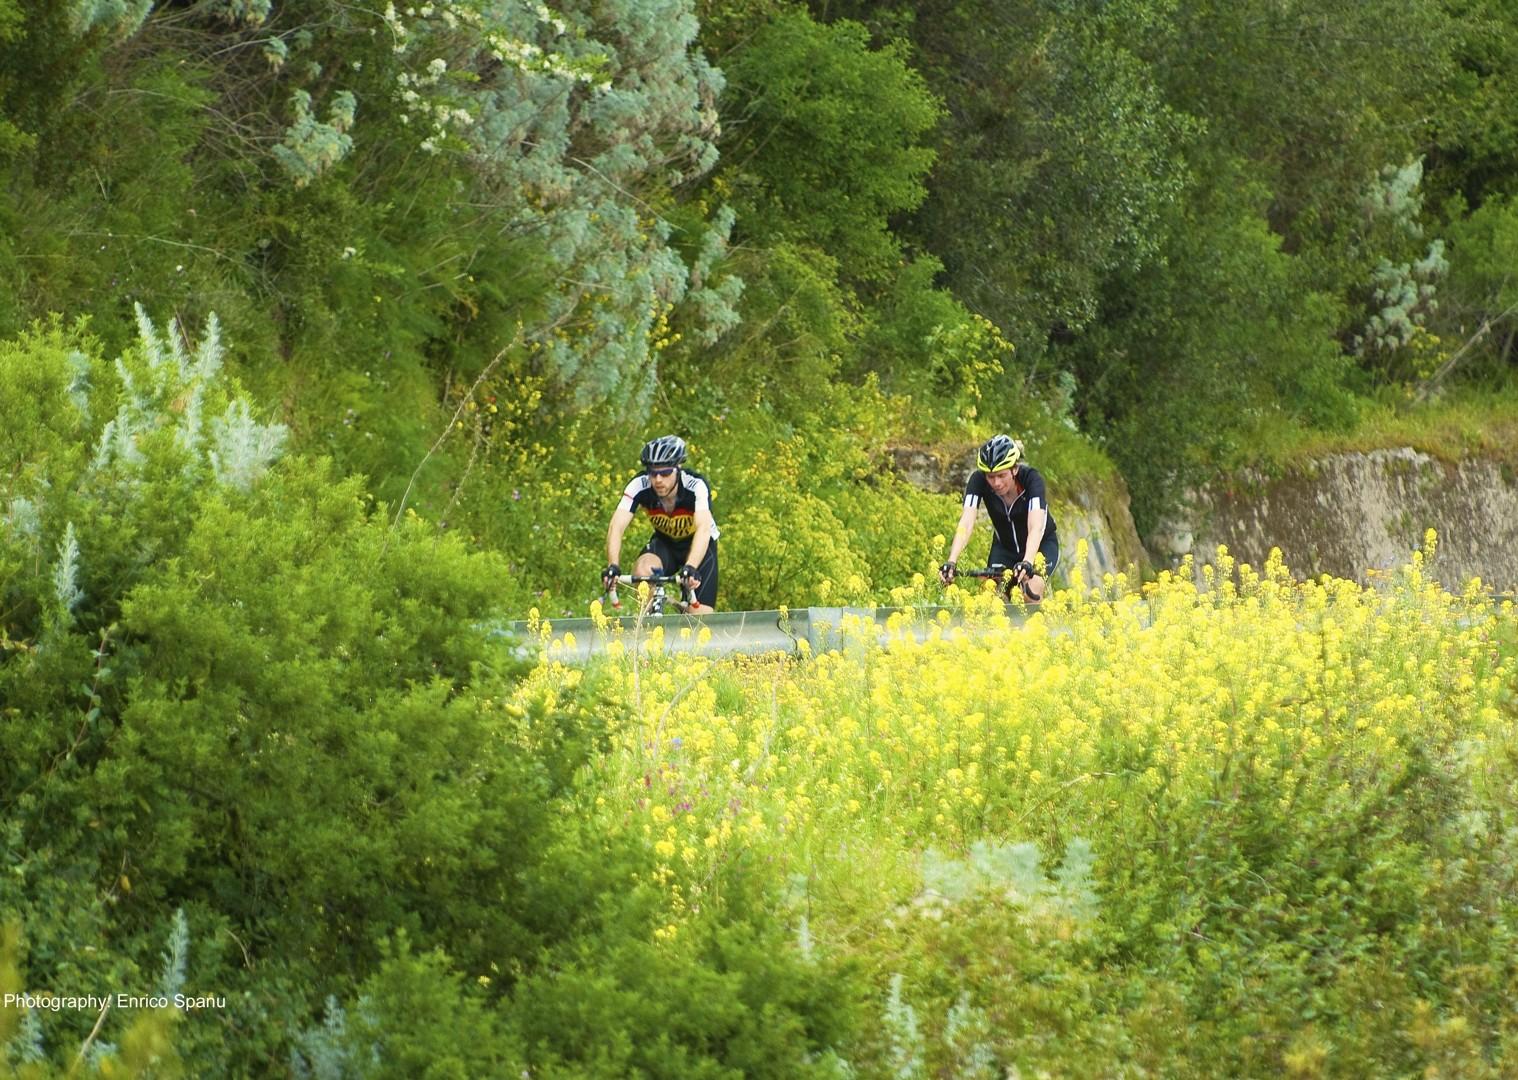 roadcyclingsardinia.jpg - Italy - Sardinia - Coast to Coast - Self-Guided Road Cycling Holiday - Road Cycling